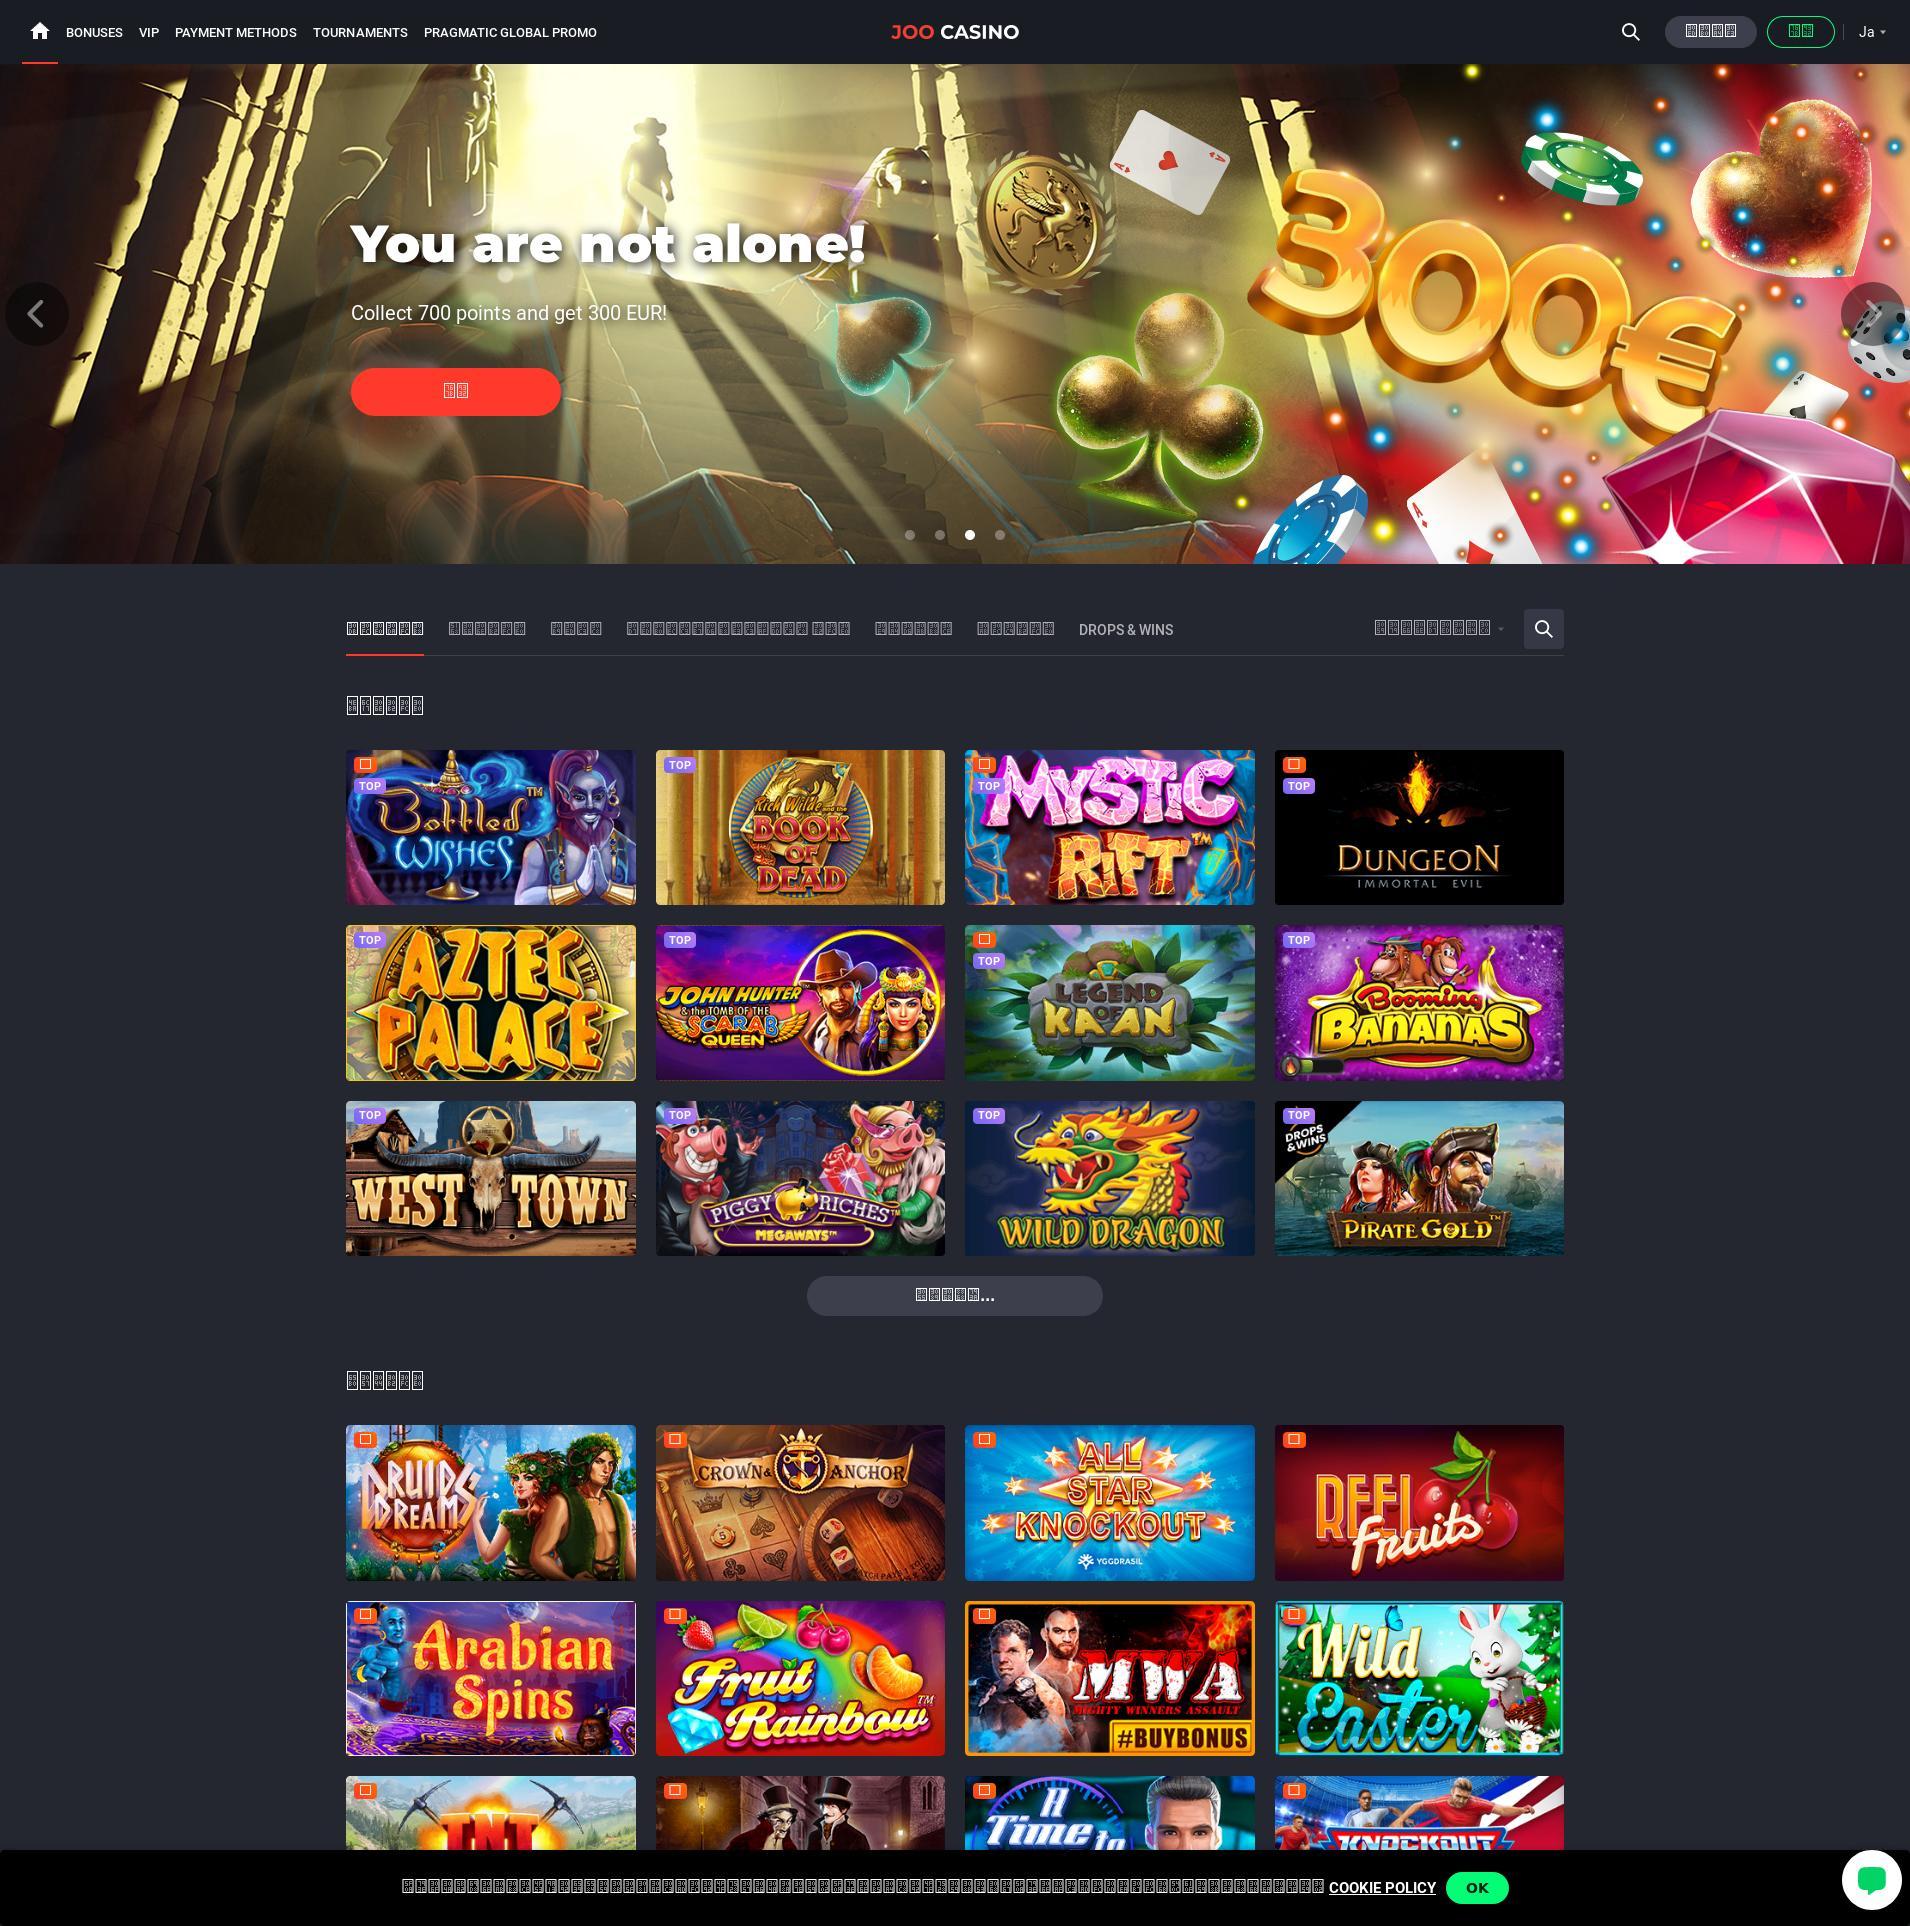 カジノのスクリーン Lobby 2020-04-07 ために 日本